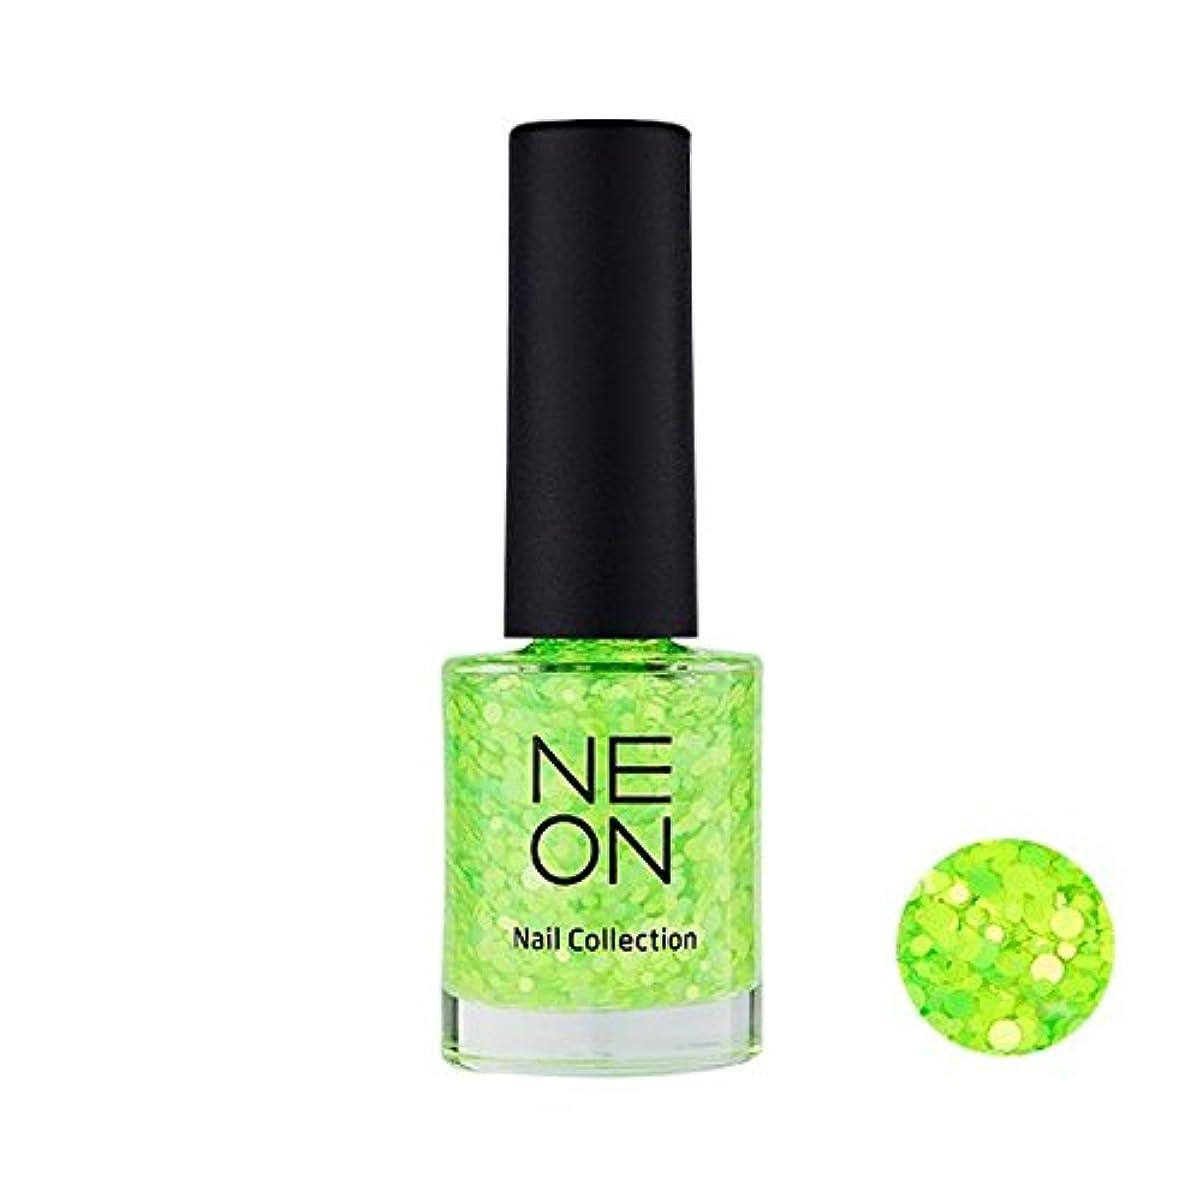 衝撃保護歪めるIt'S SKIN Neon nail collection [04 Neon Glitter green] イッツスキン ネオンネイルコレクション [04 ネオン グリッター グリーン] [並行輸入品]